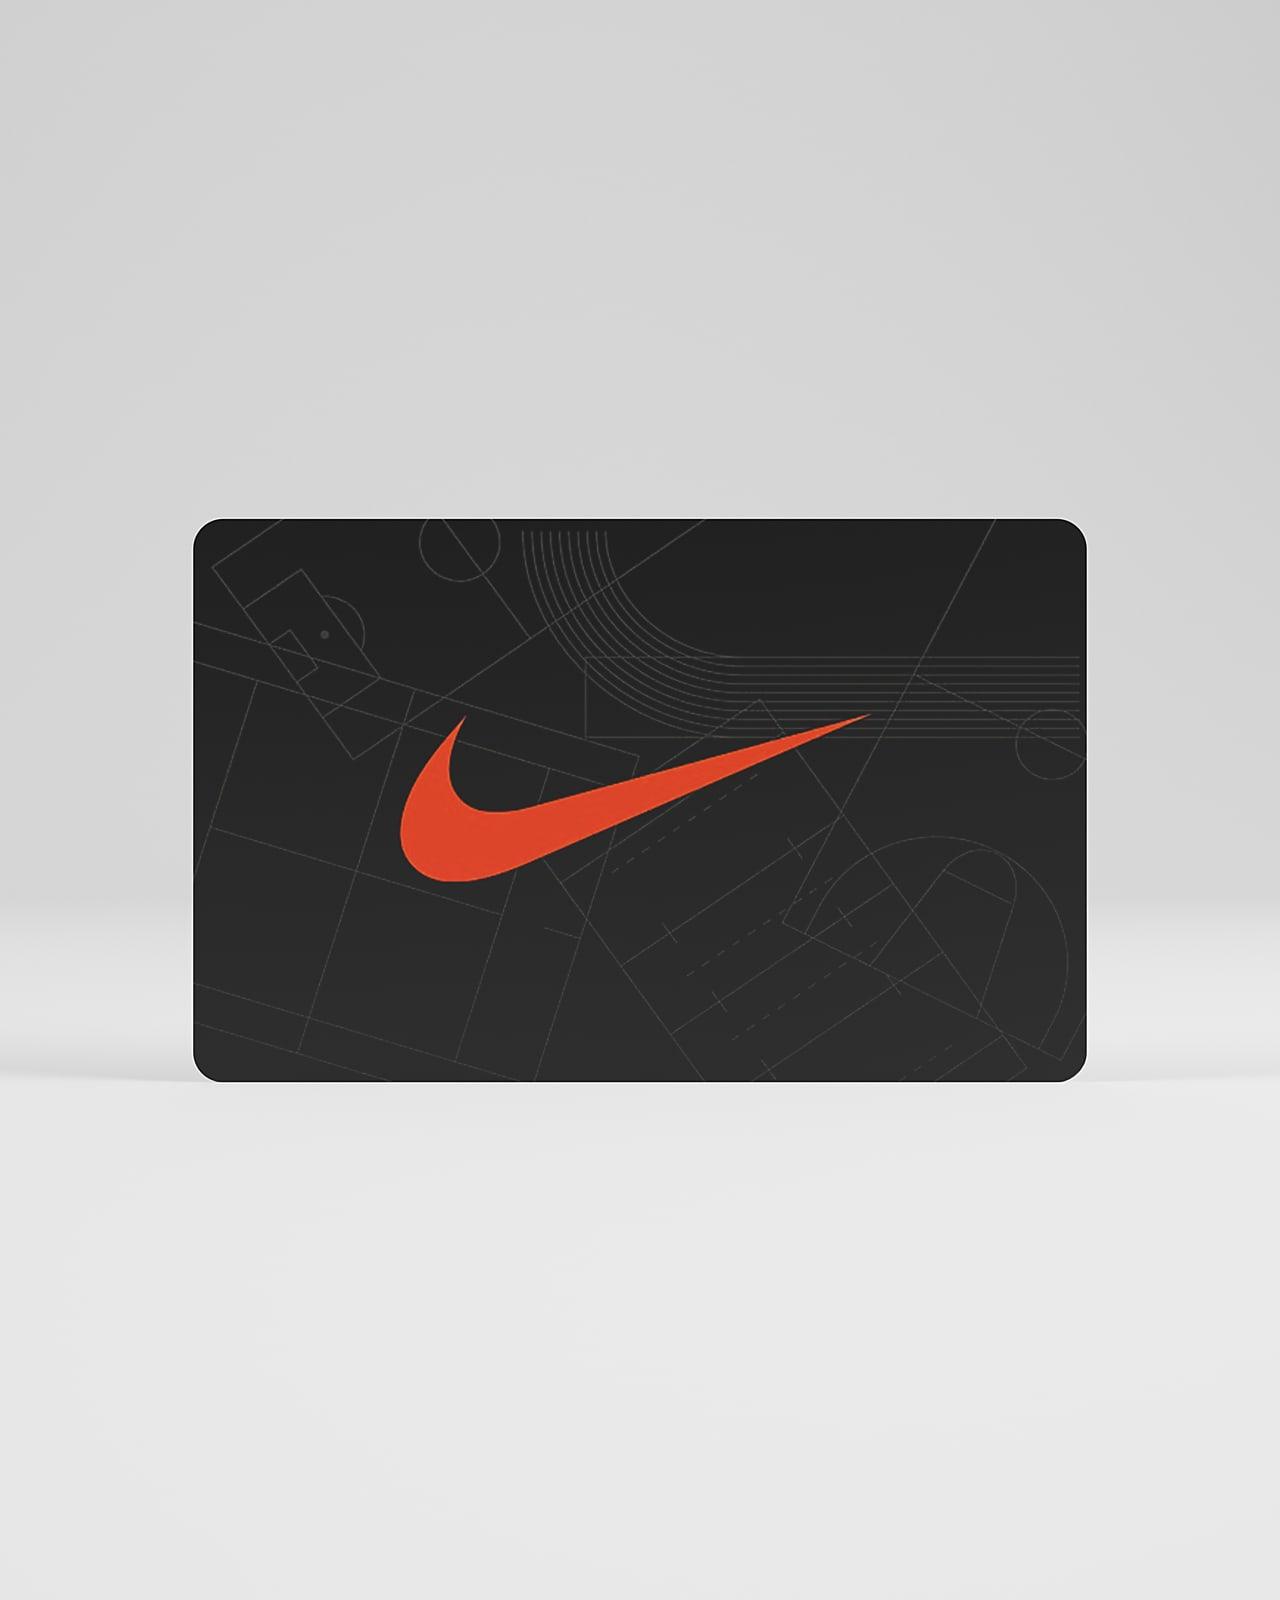 Nikes digitala presentkort skickas inom 2 timmar eller mindre